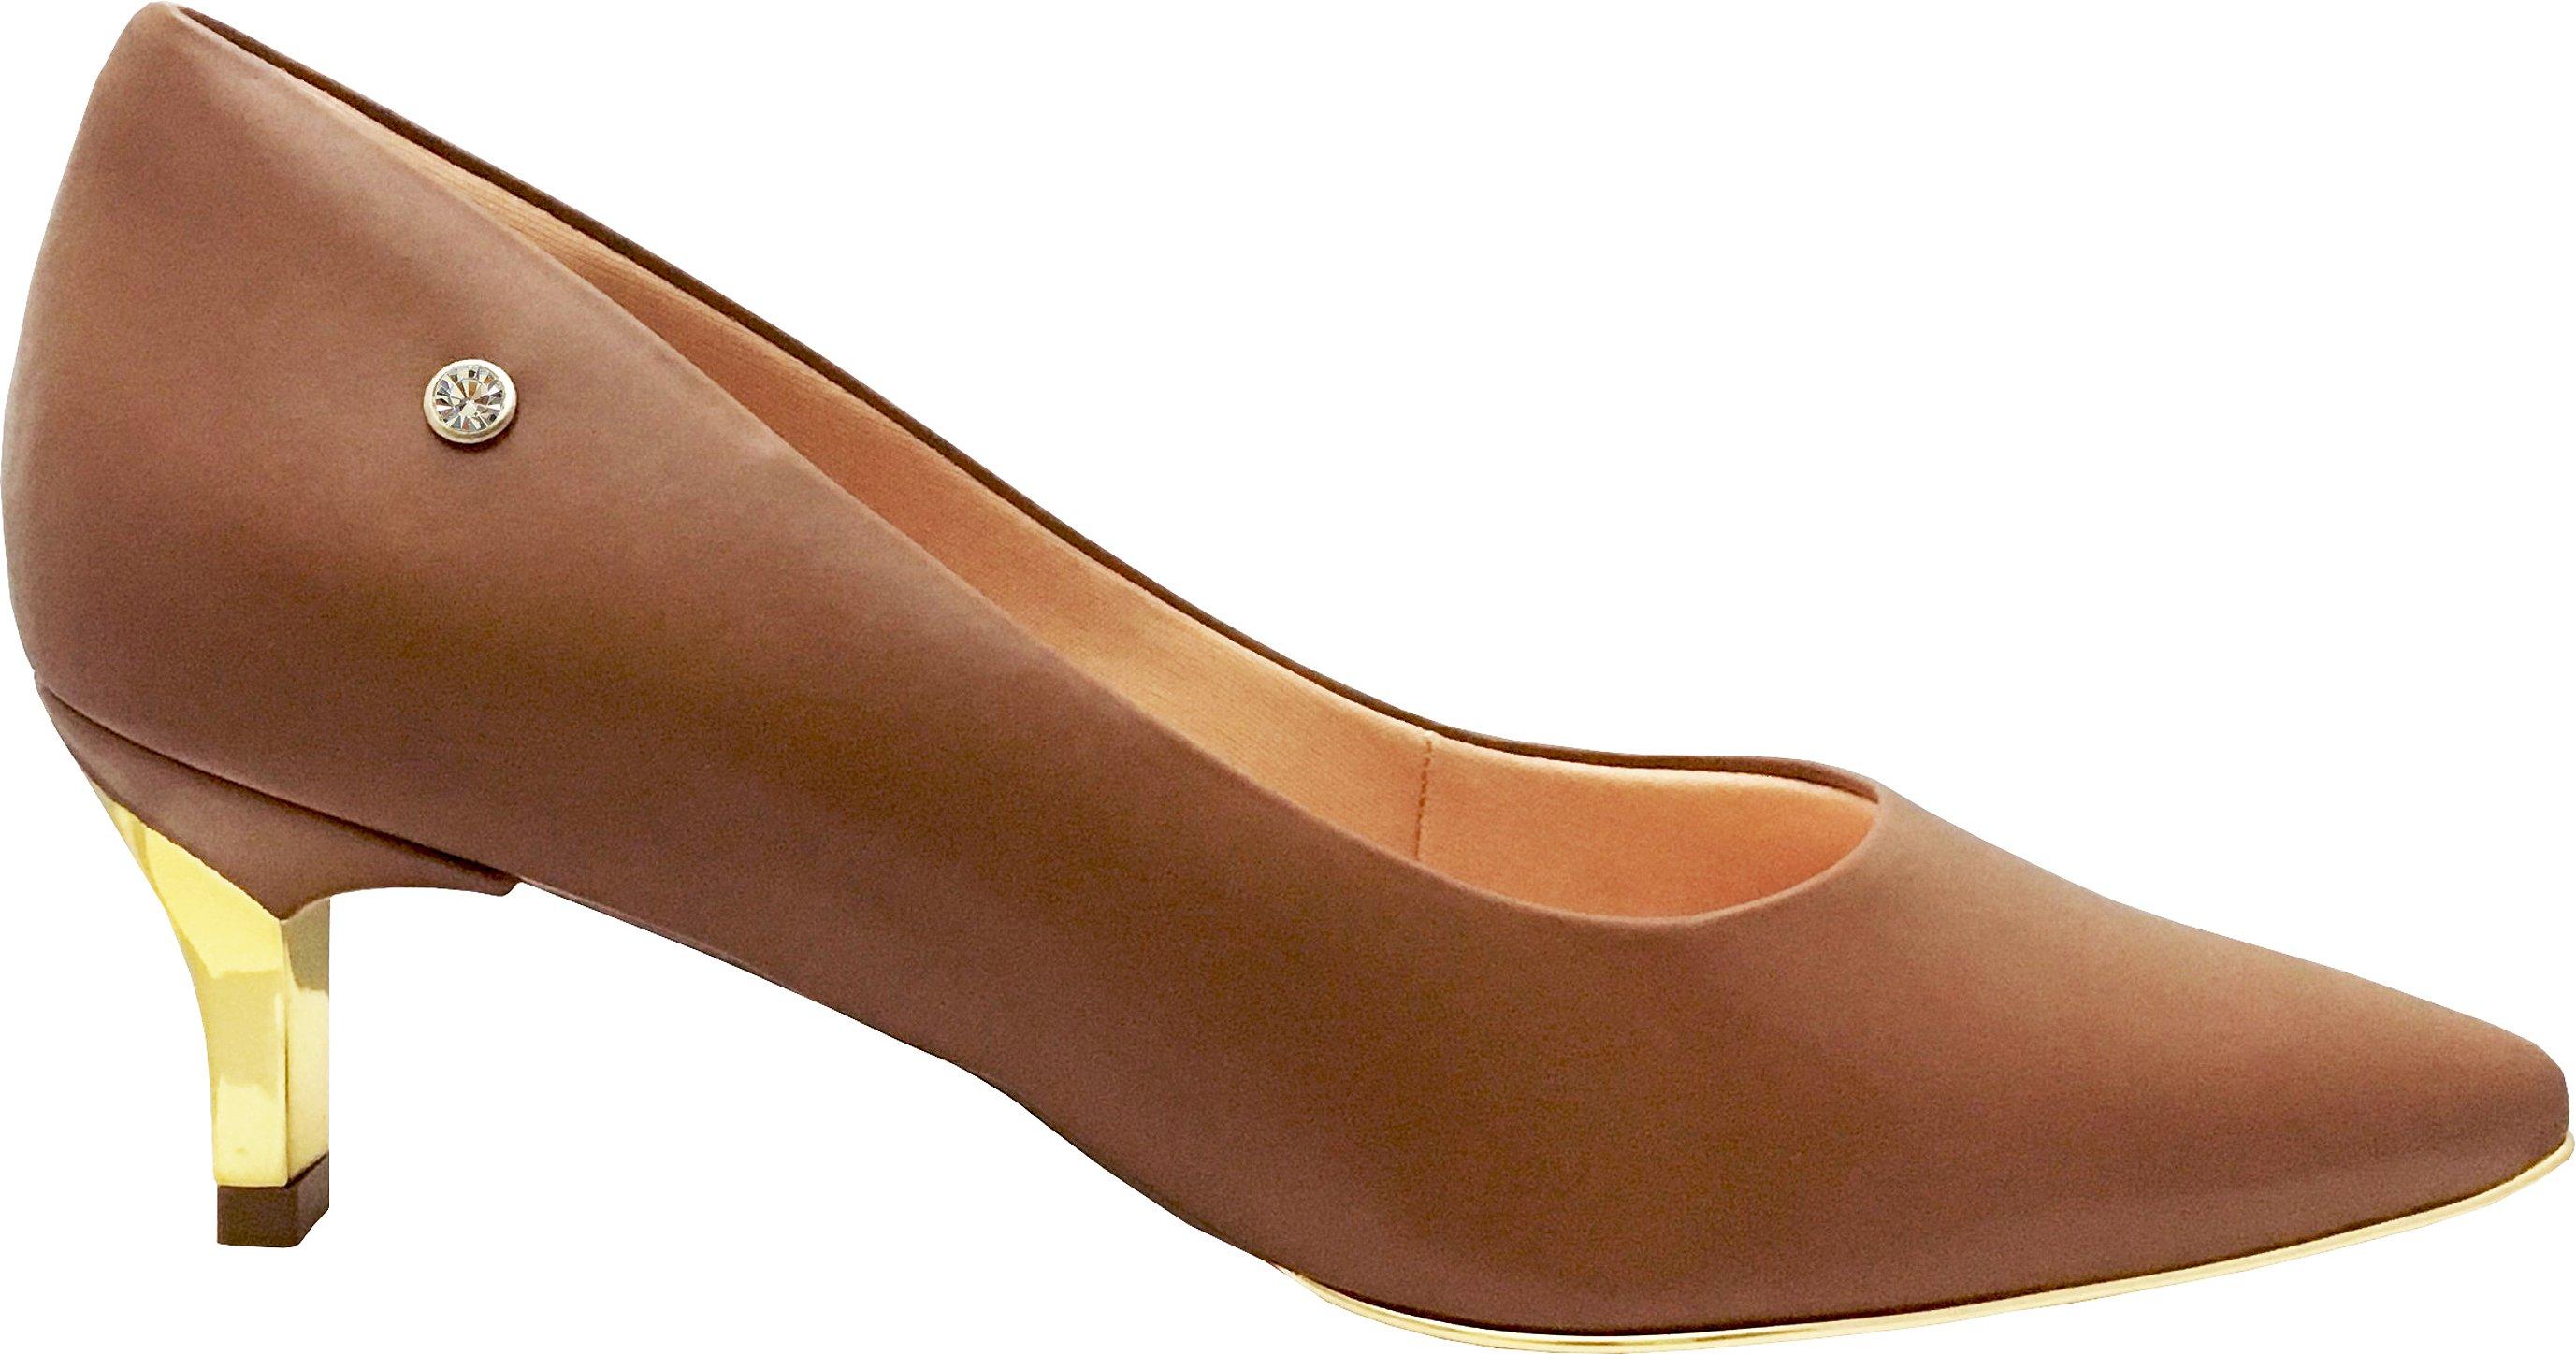 37009c11db A Le Bianco se tornou sinônimo de requinte e bom gosto no mundo dos  calçados feminino